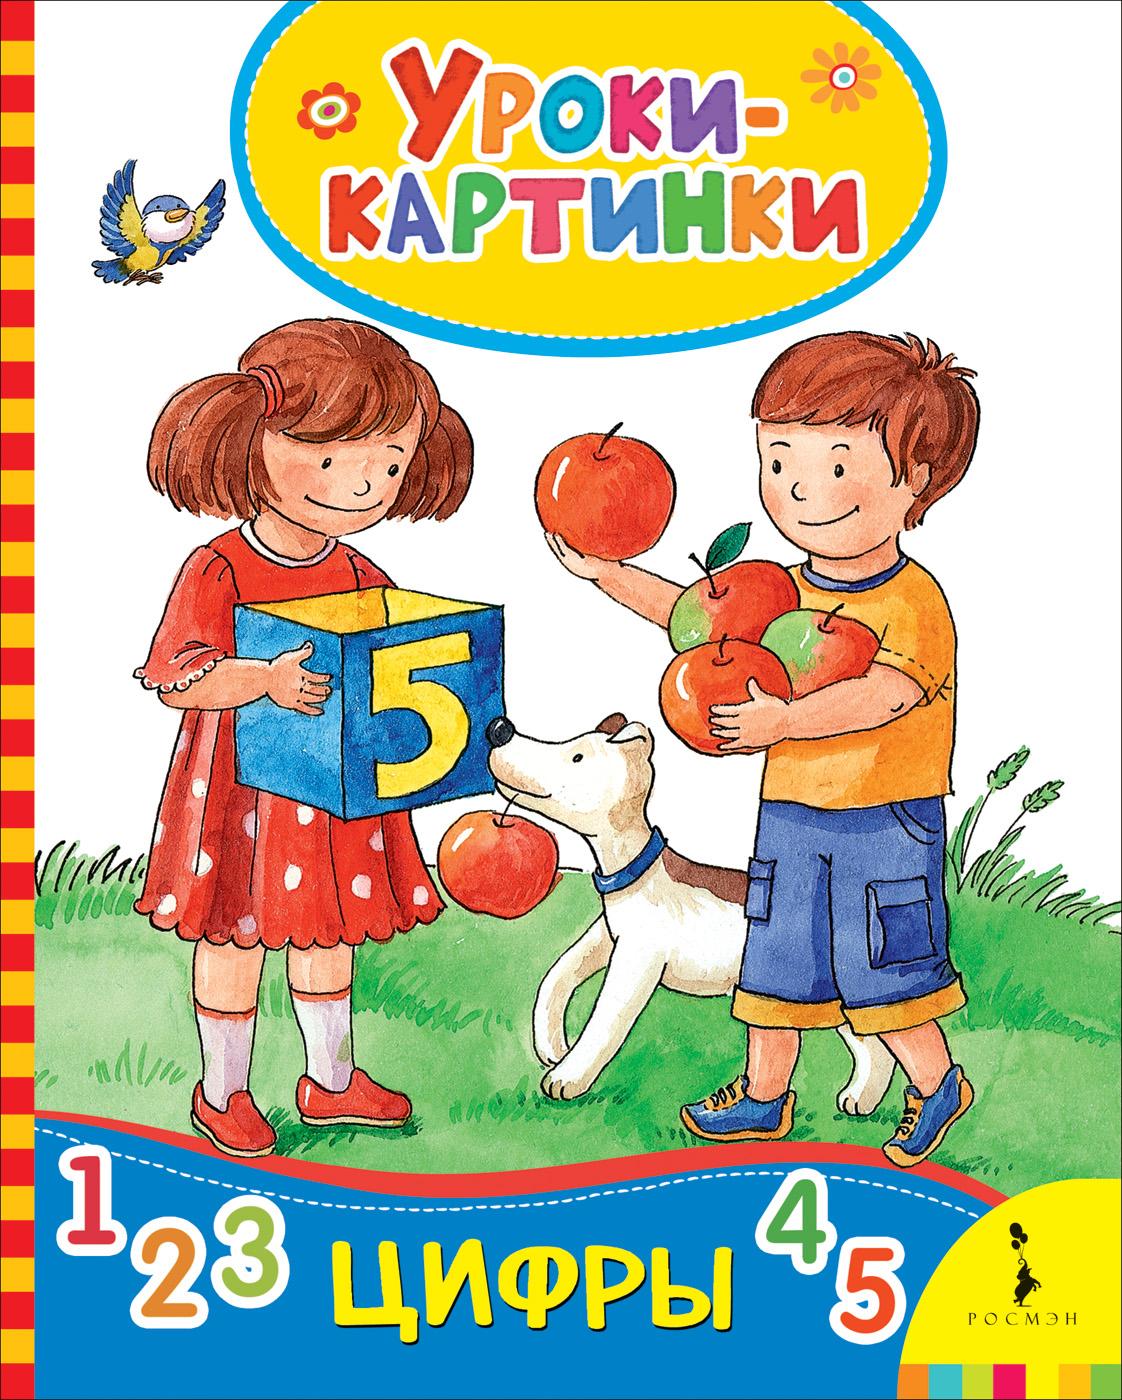 Мазанова Е. К. Цифры (Уроки-картинки)